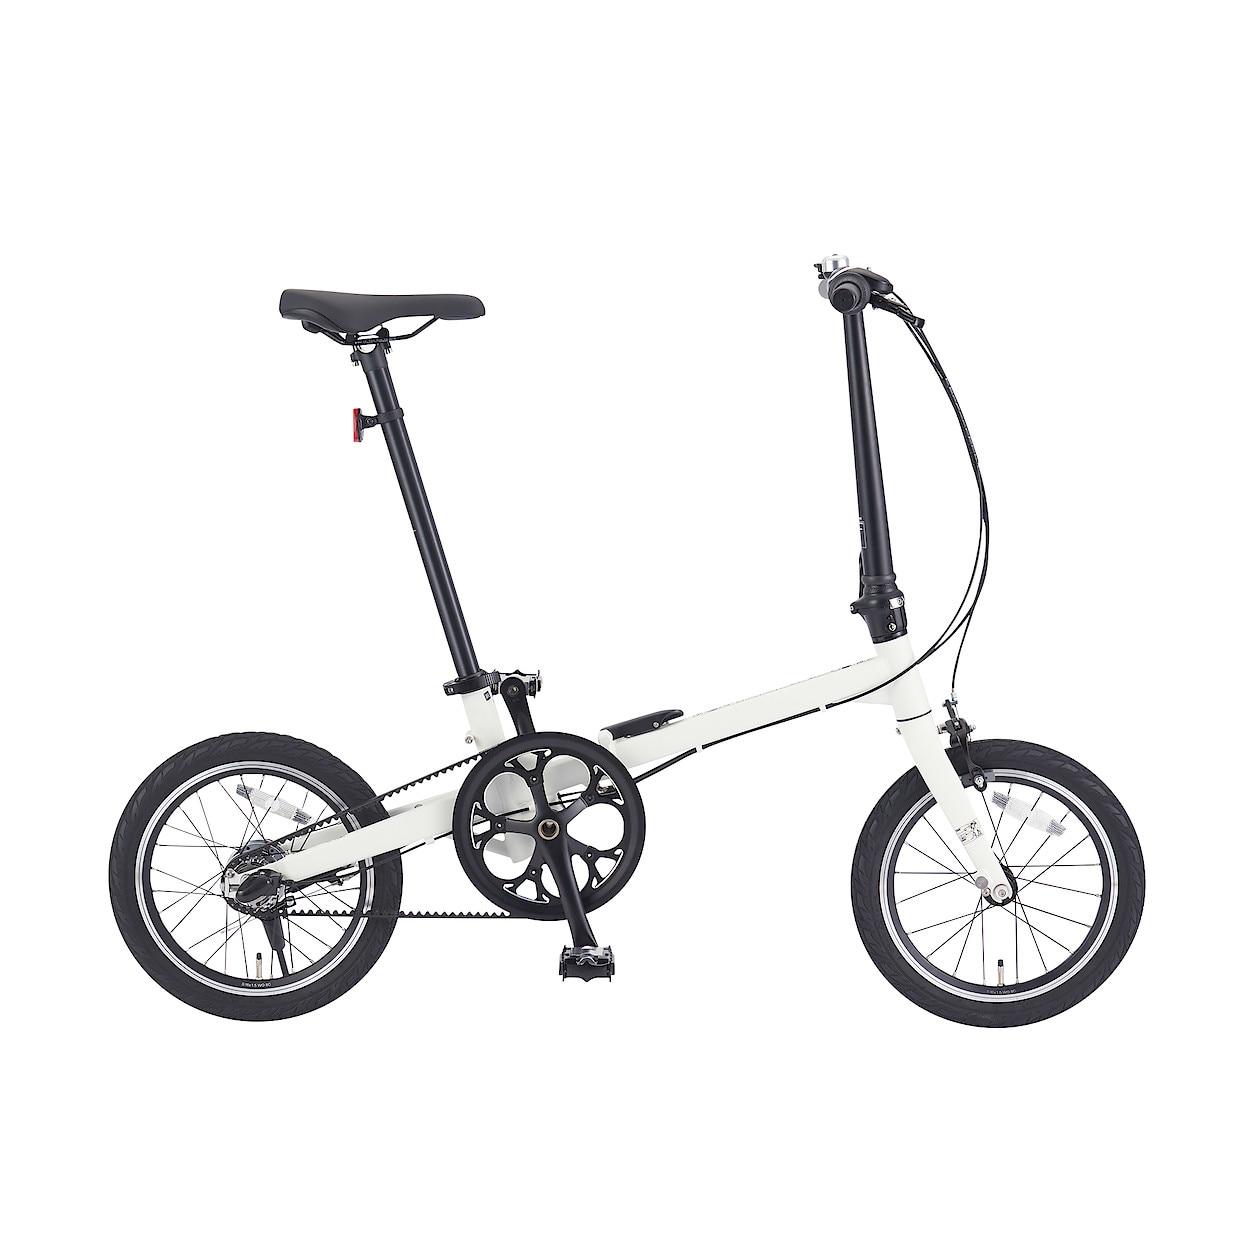 16型折りたたみ自転車・ベルトドライブ仕様・グレー